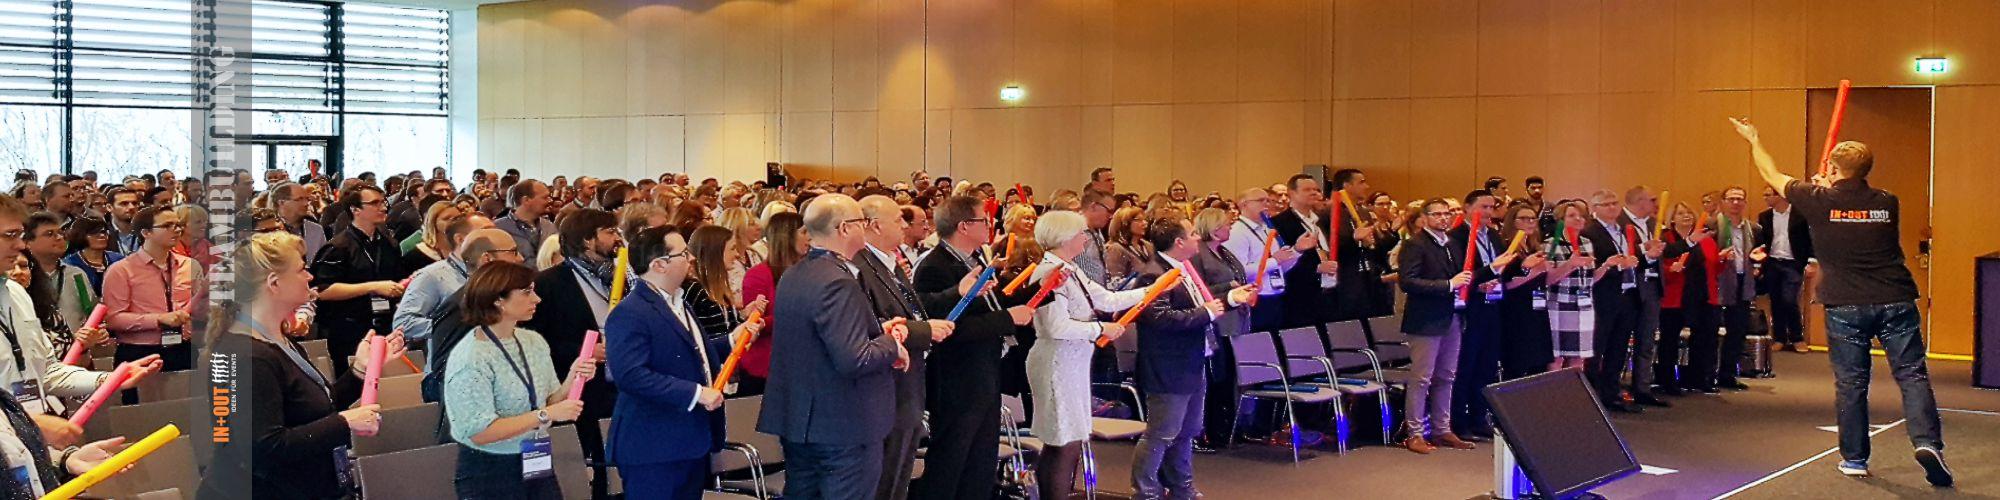 Ideen für Team Events - Bommwhacker Incentive - Lufthansa 550 Teilnehmer - Hamburg